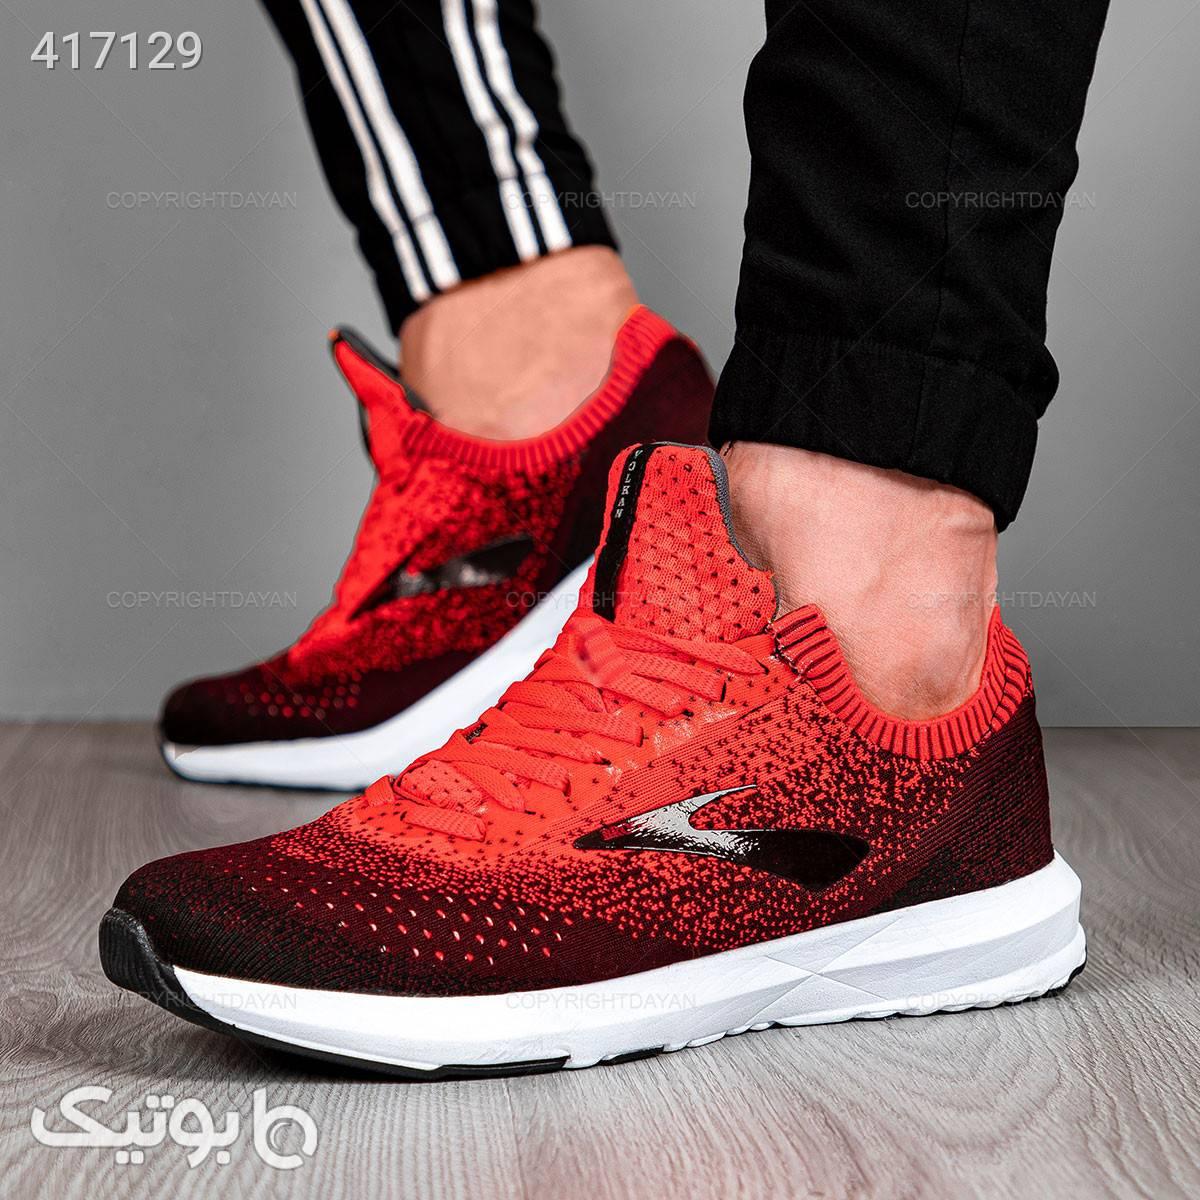 کفش مردانه Brooks مدل 12873 مشکی كتانی مردانه